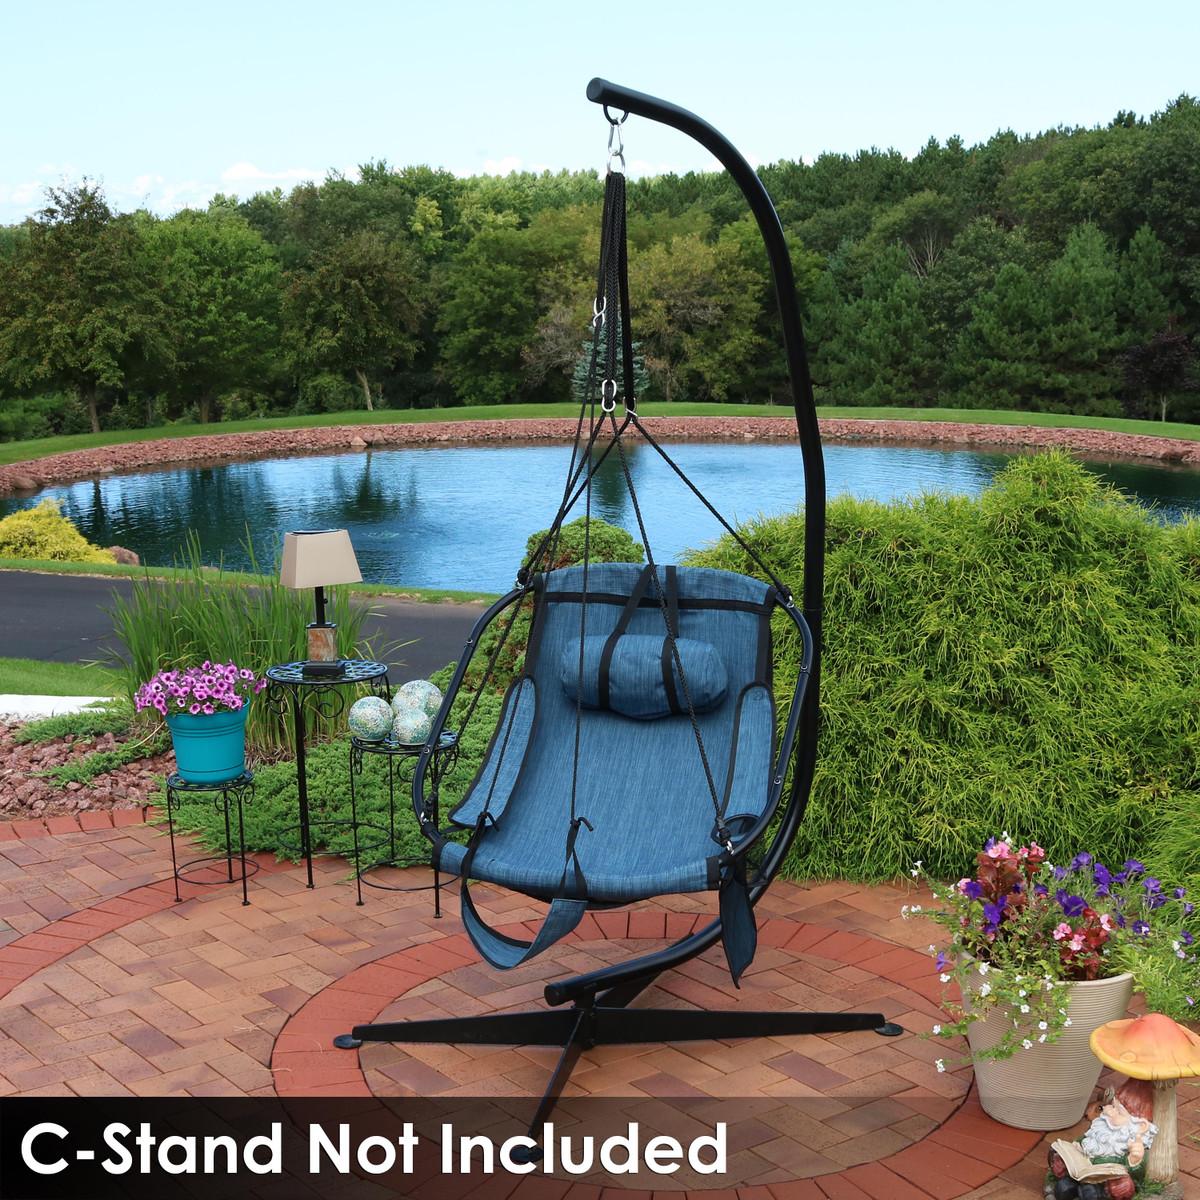 Sunnydaze Hanging Hammock Chair Swing Armrests Drink